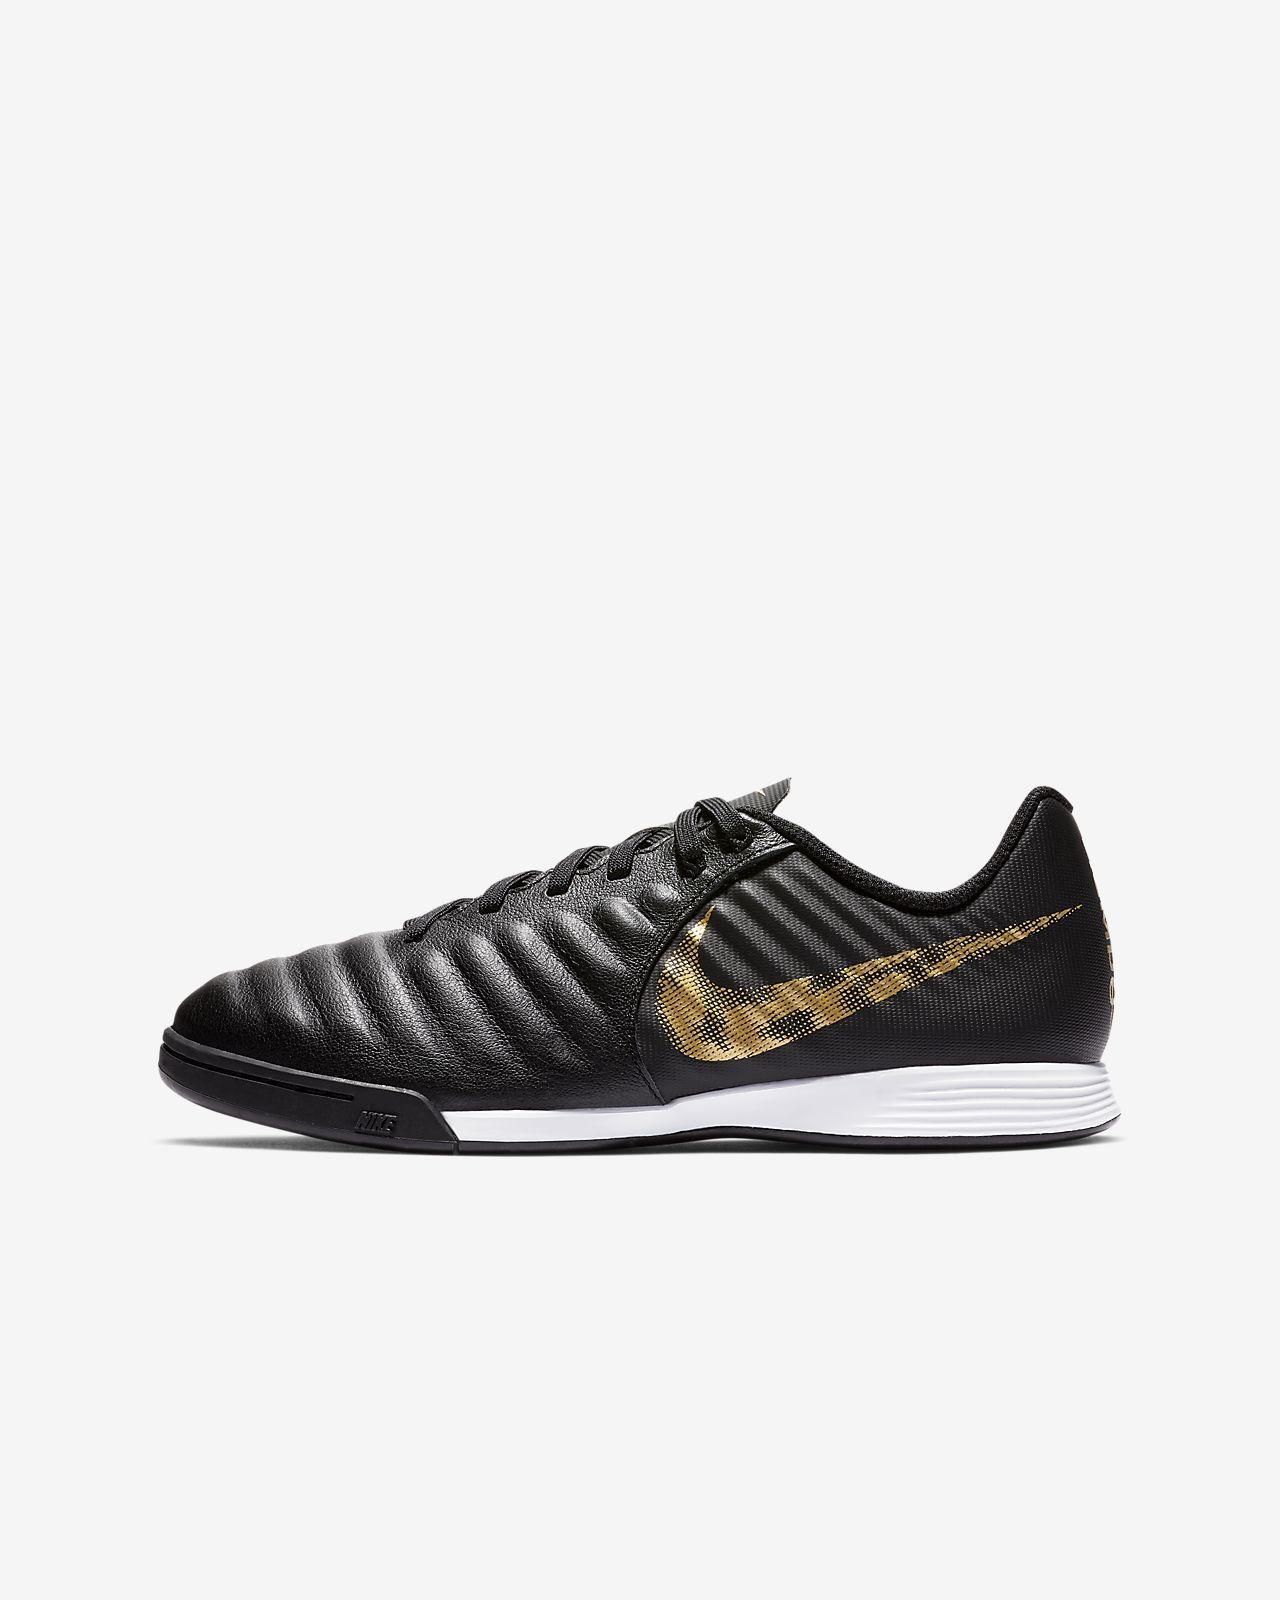 buy online e7c75 99e1c ... Nike Jr. Tiempo LegendX VII Academy IC Fußballschuh für Hallen- und  Hartplätze für jüngere